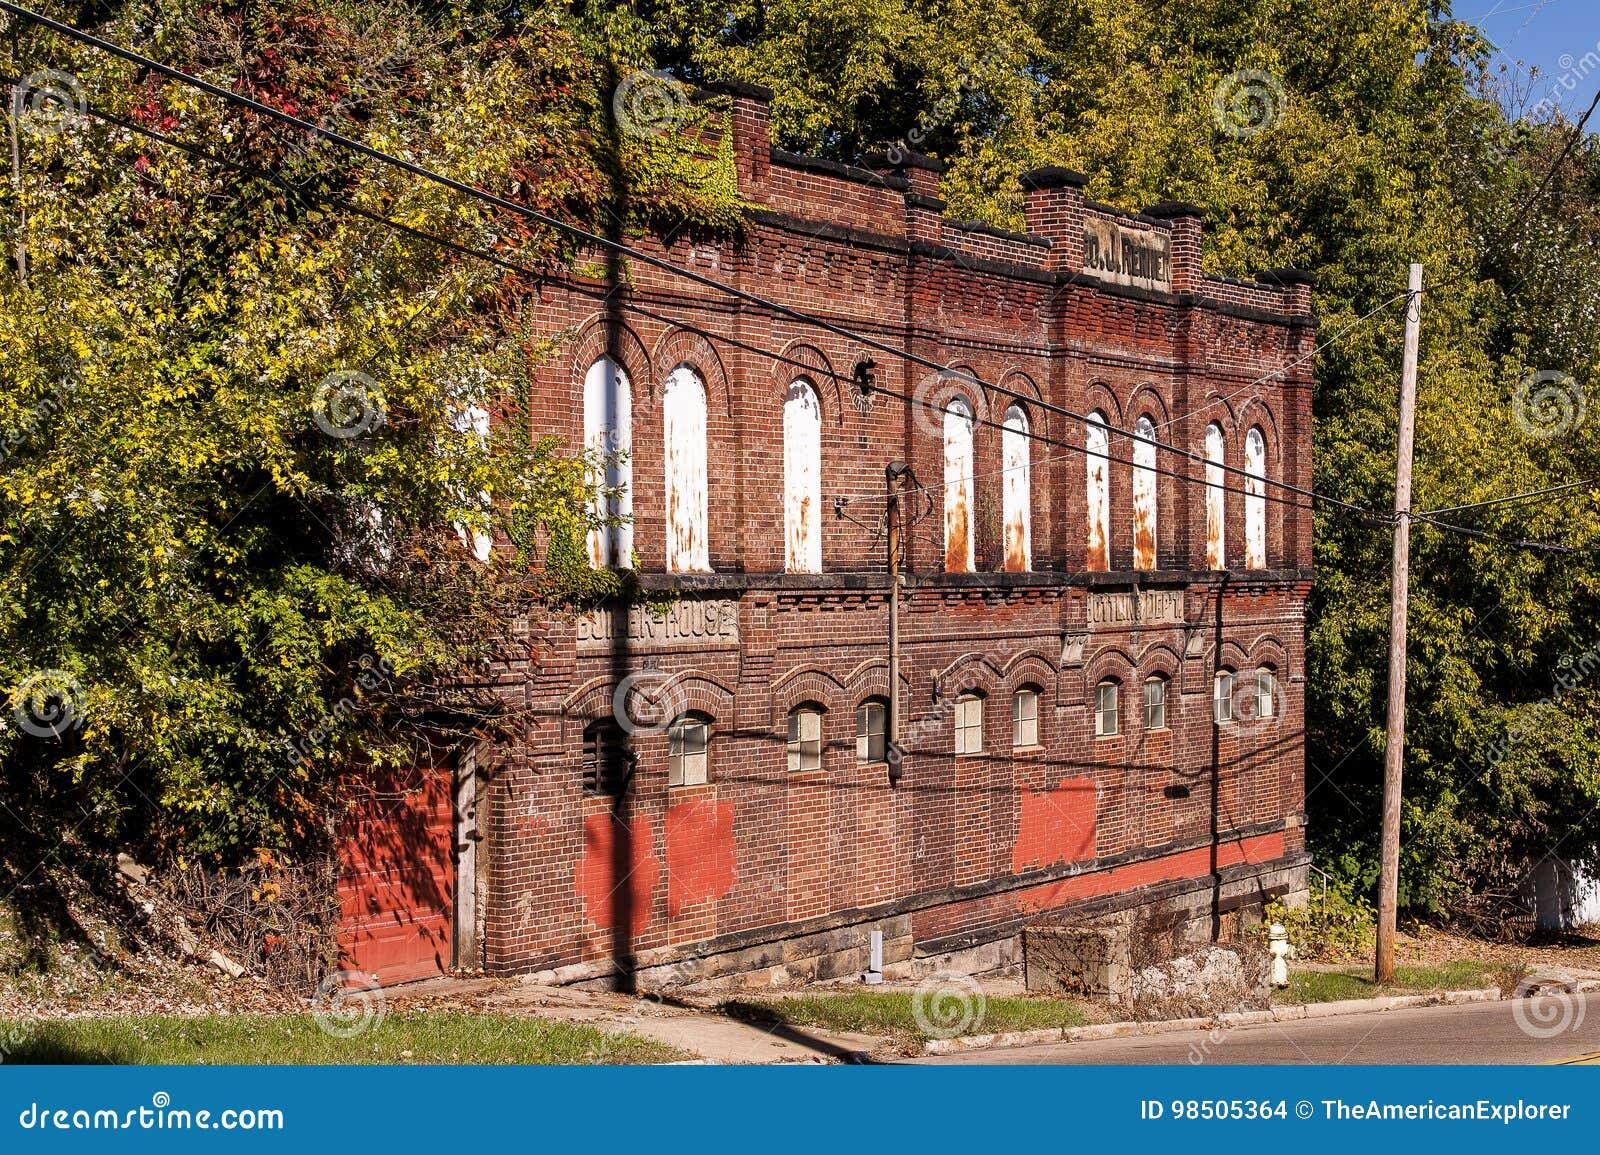 Buff Red Brick mit Bogen-Details - historische verlassene Brauerei